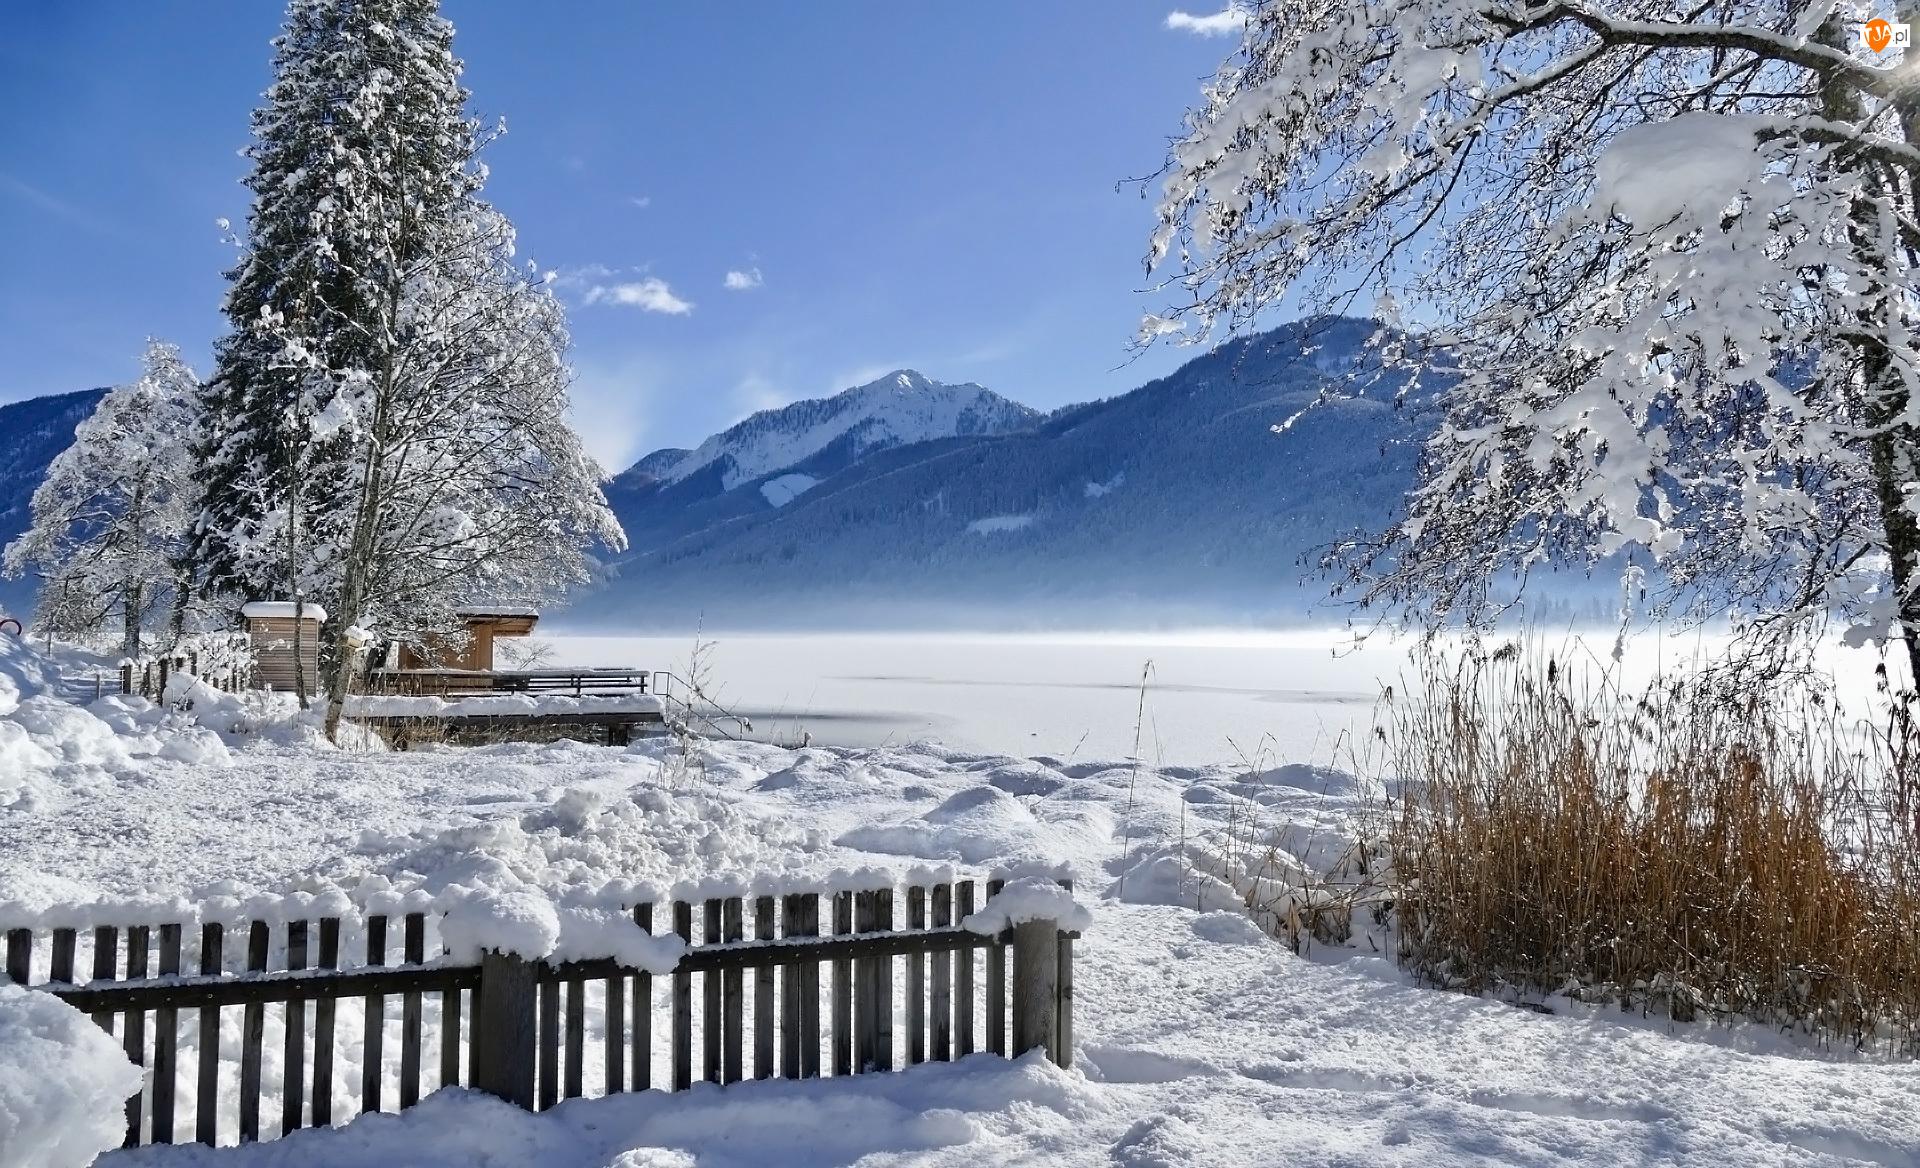 Zima, Ogrodzenie, Drzewa, Góry